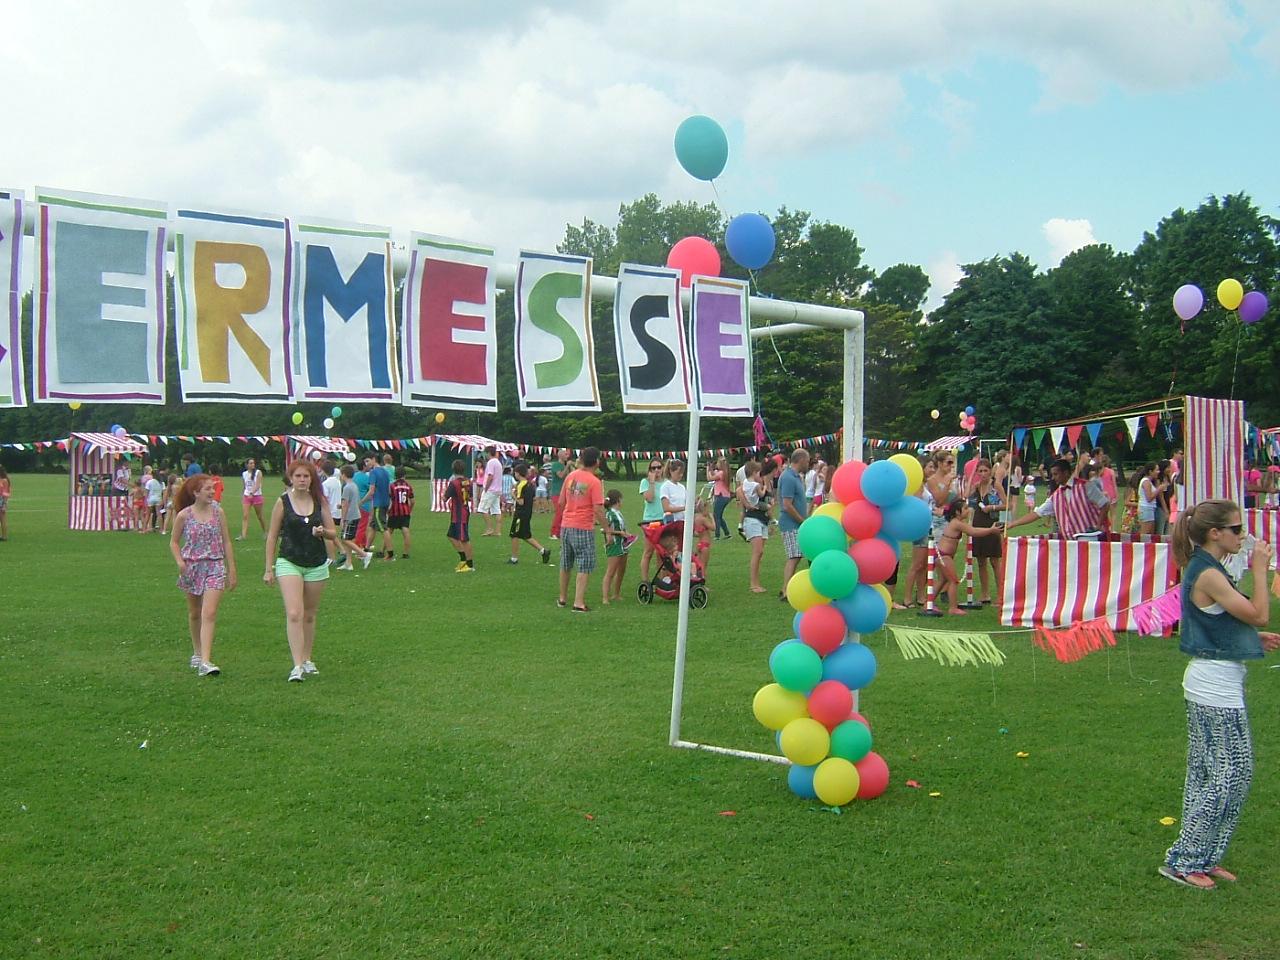 Colegios Con Gran Kermese Kermesse Time Puestos Y Juegos De